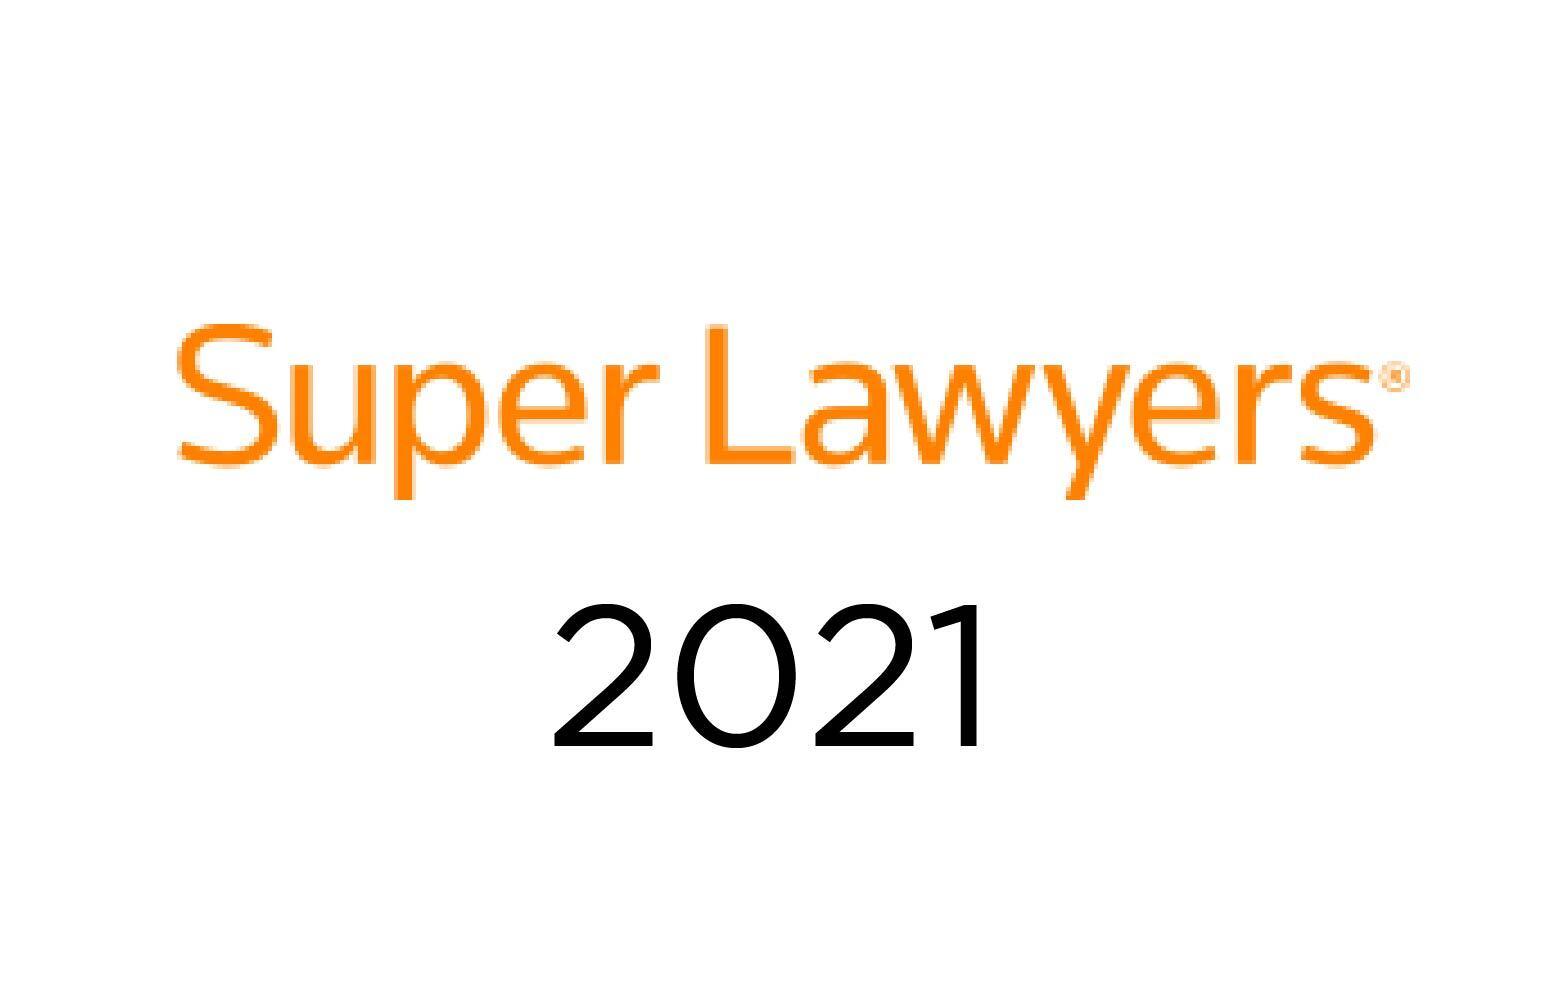 Laura Rodríguez y Vivianna Morales Reconocidas Por Super Lawyers Como Estrellas Emergentes del Metro de Nueva York del 2021